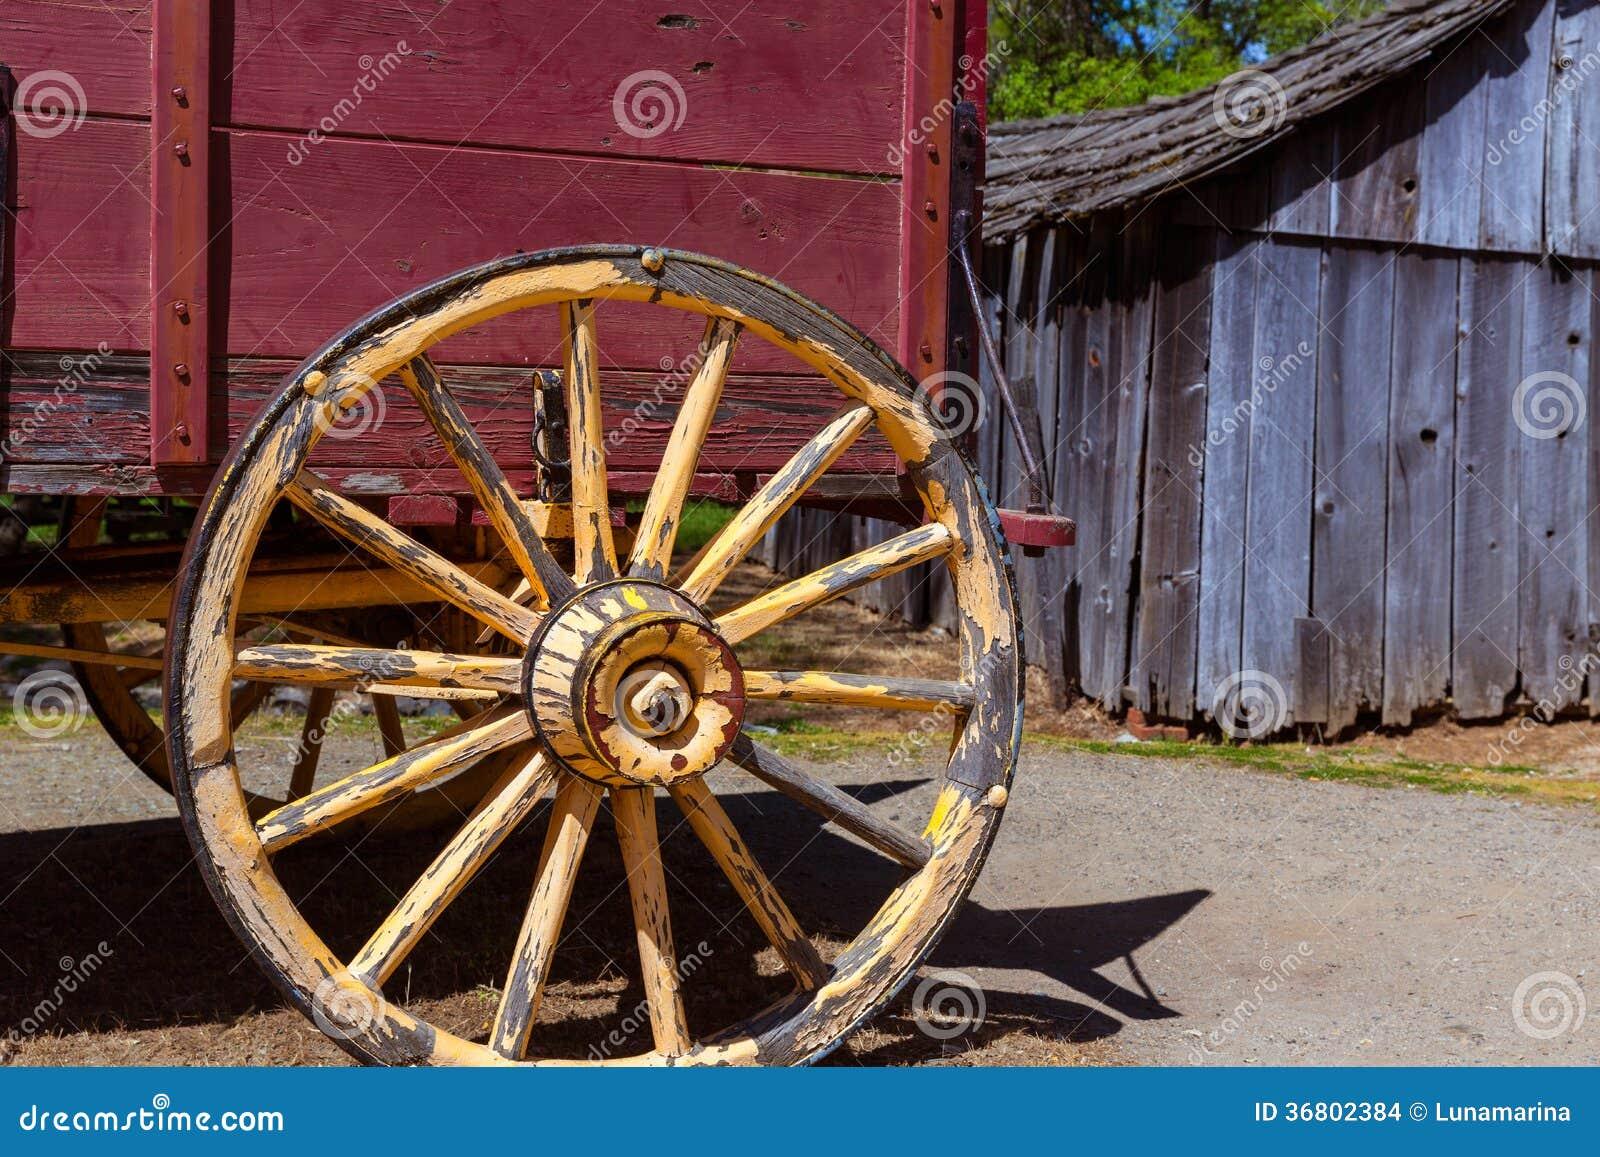 Chariot de la Californie Colombie dans une vieille ville occidentale de fièvre de l or